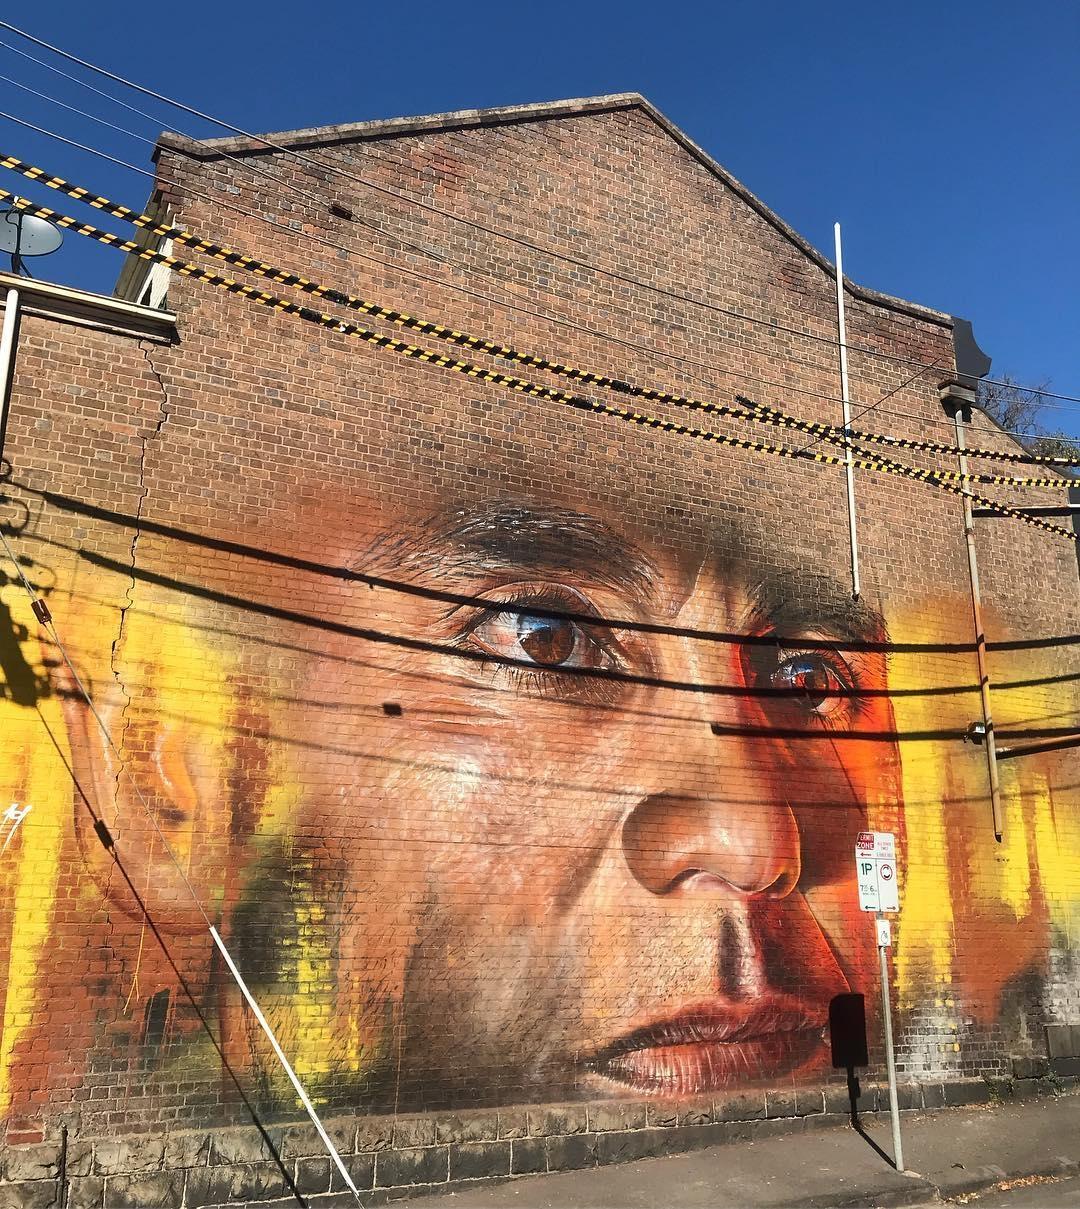 Adnate @Melbourne, Australia